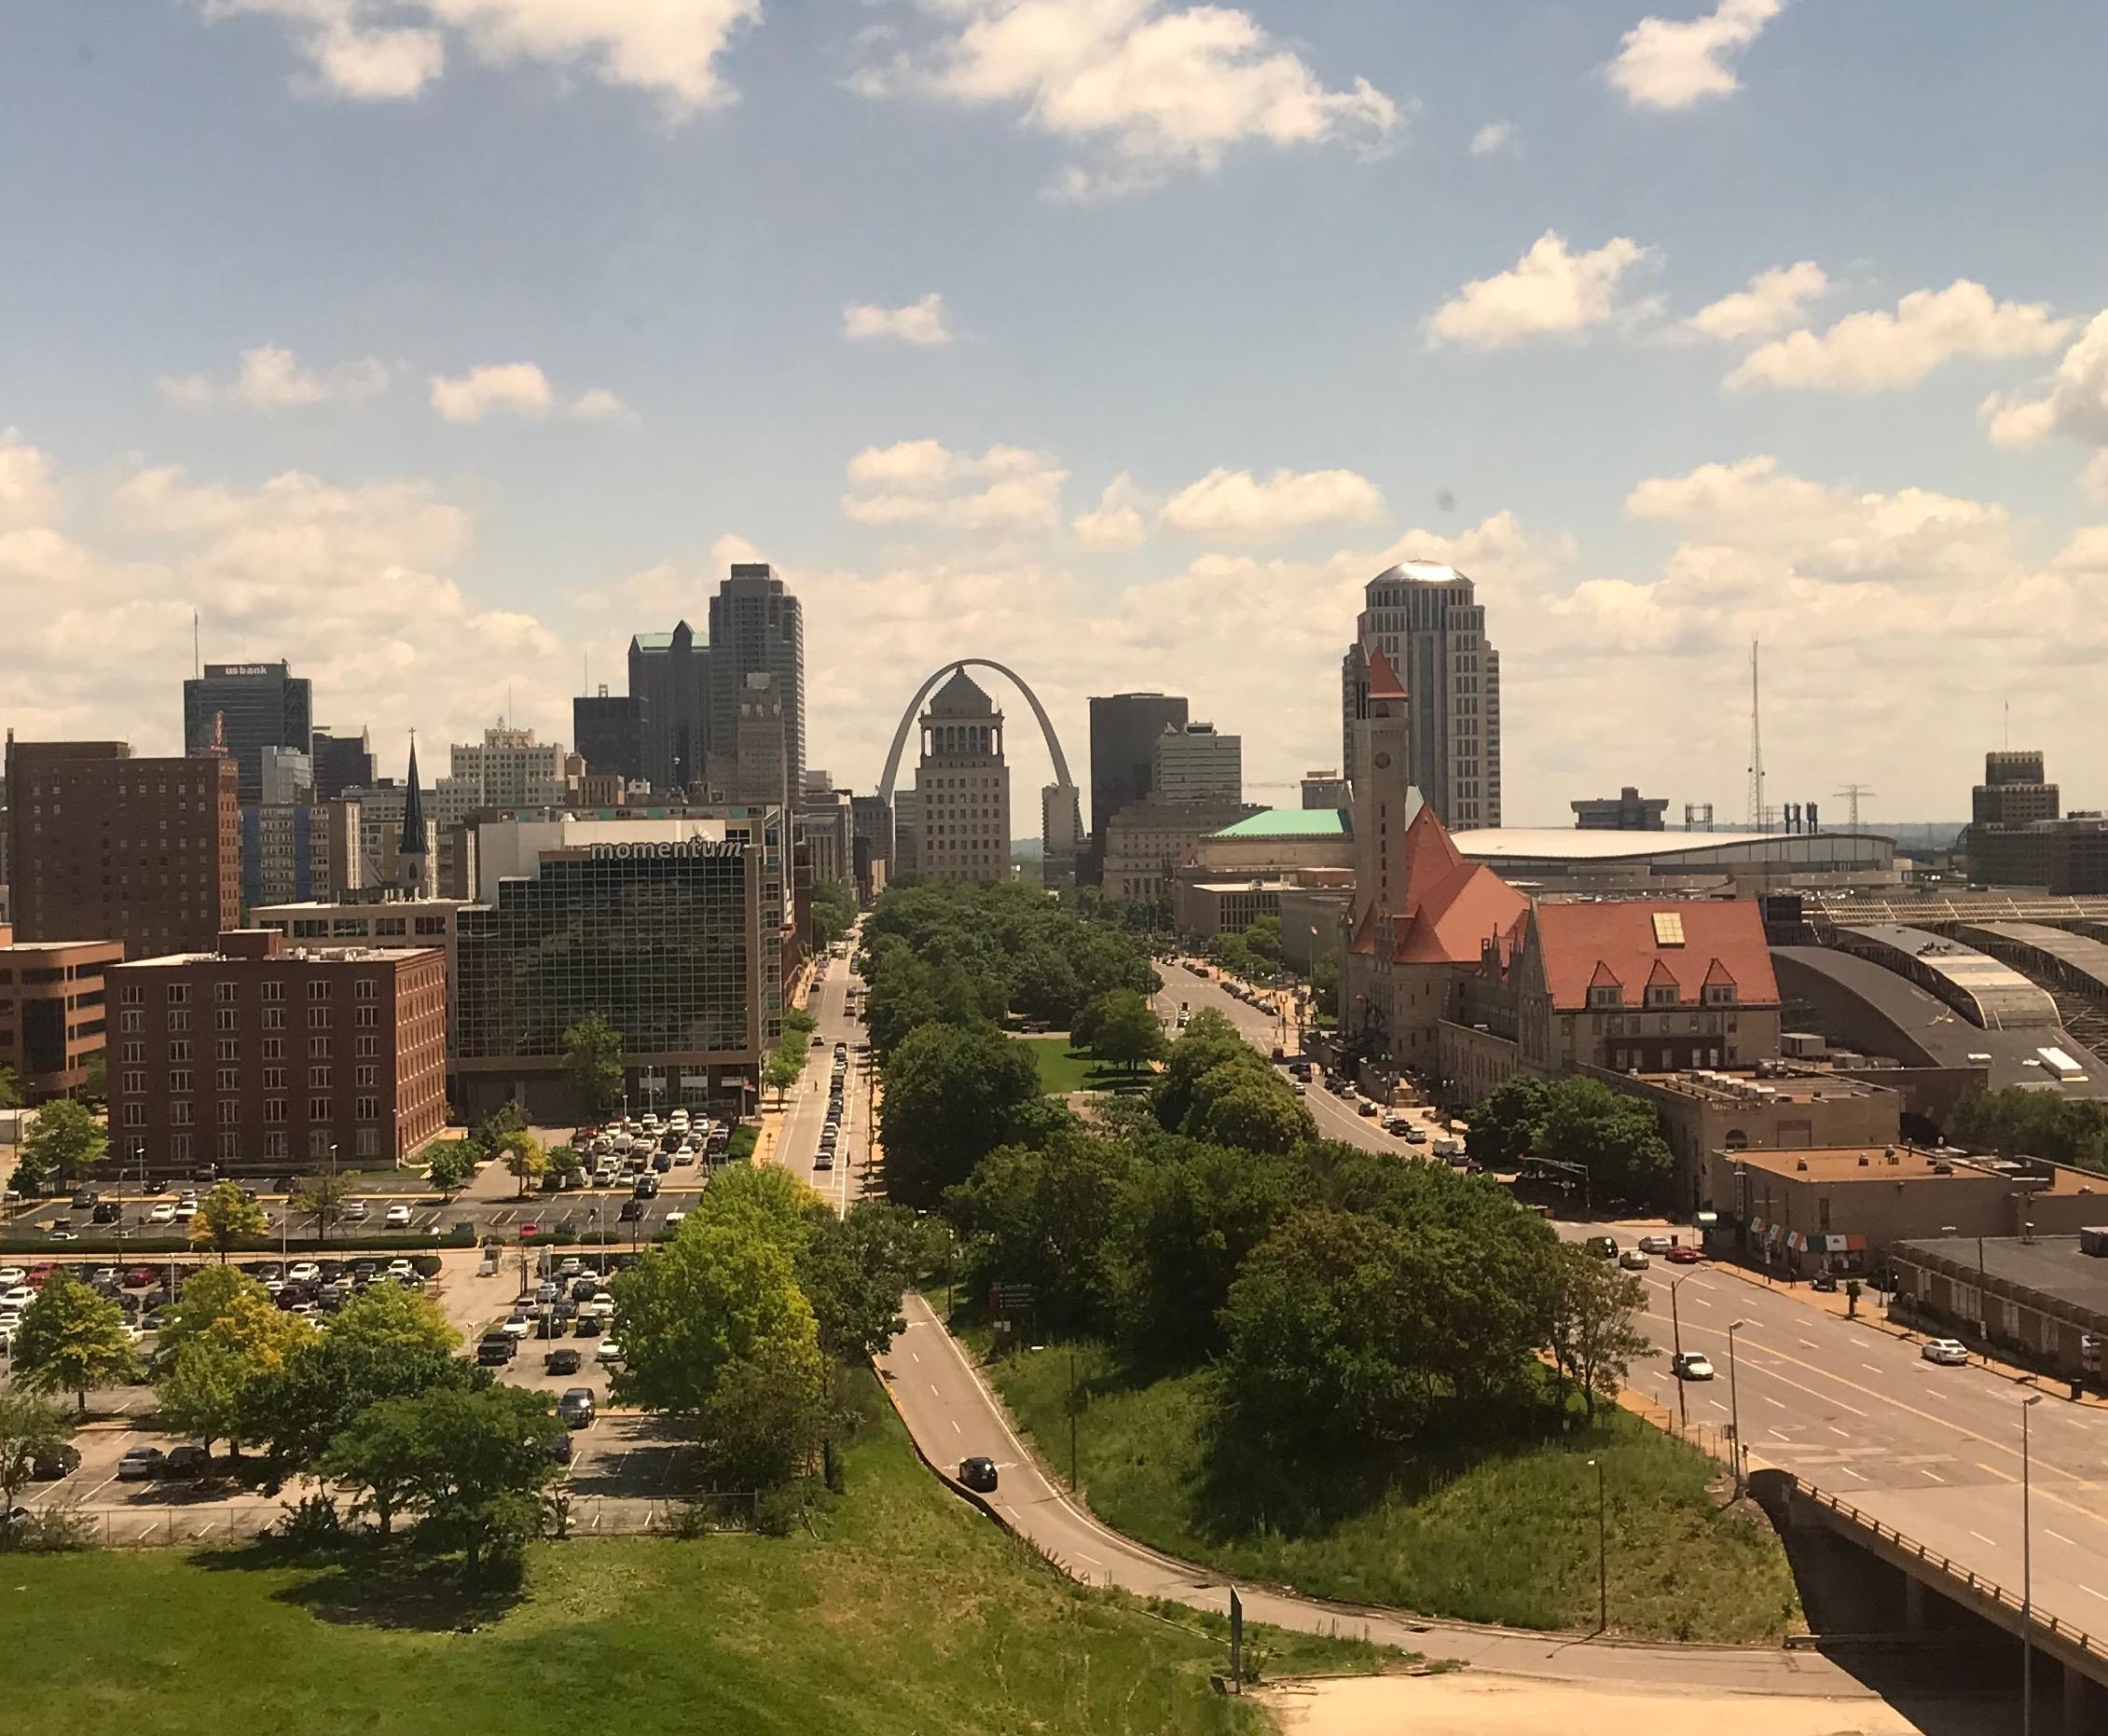 Looking East down Market Street in St. Louis